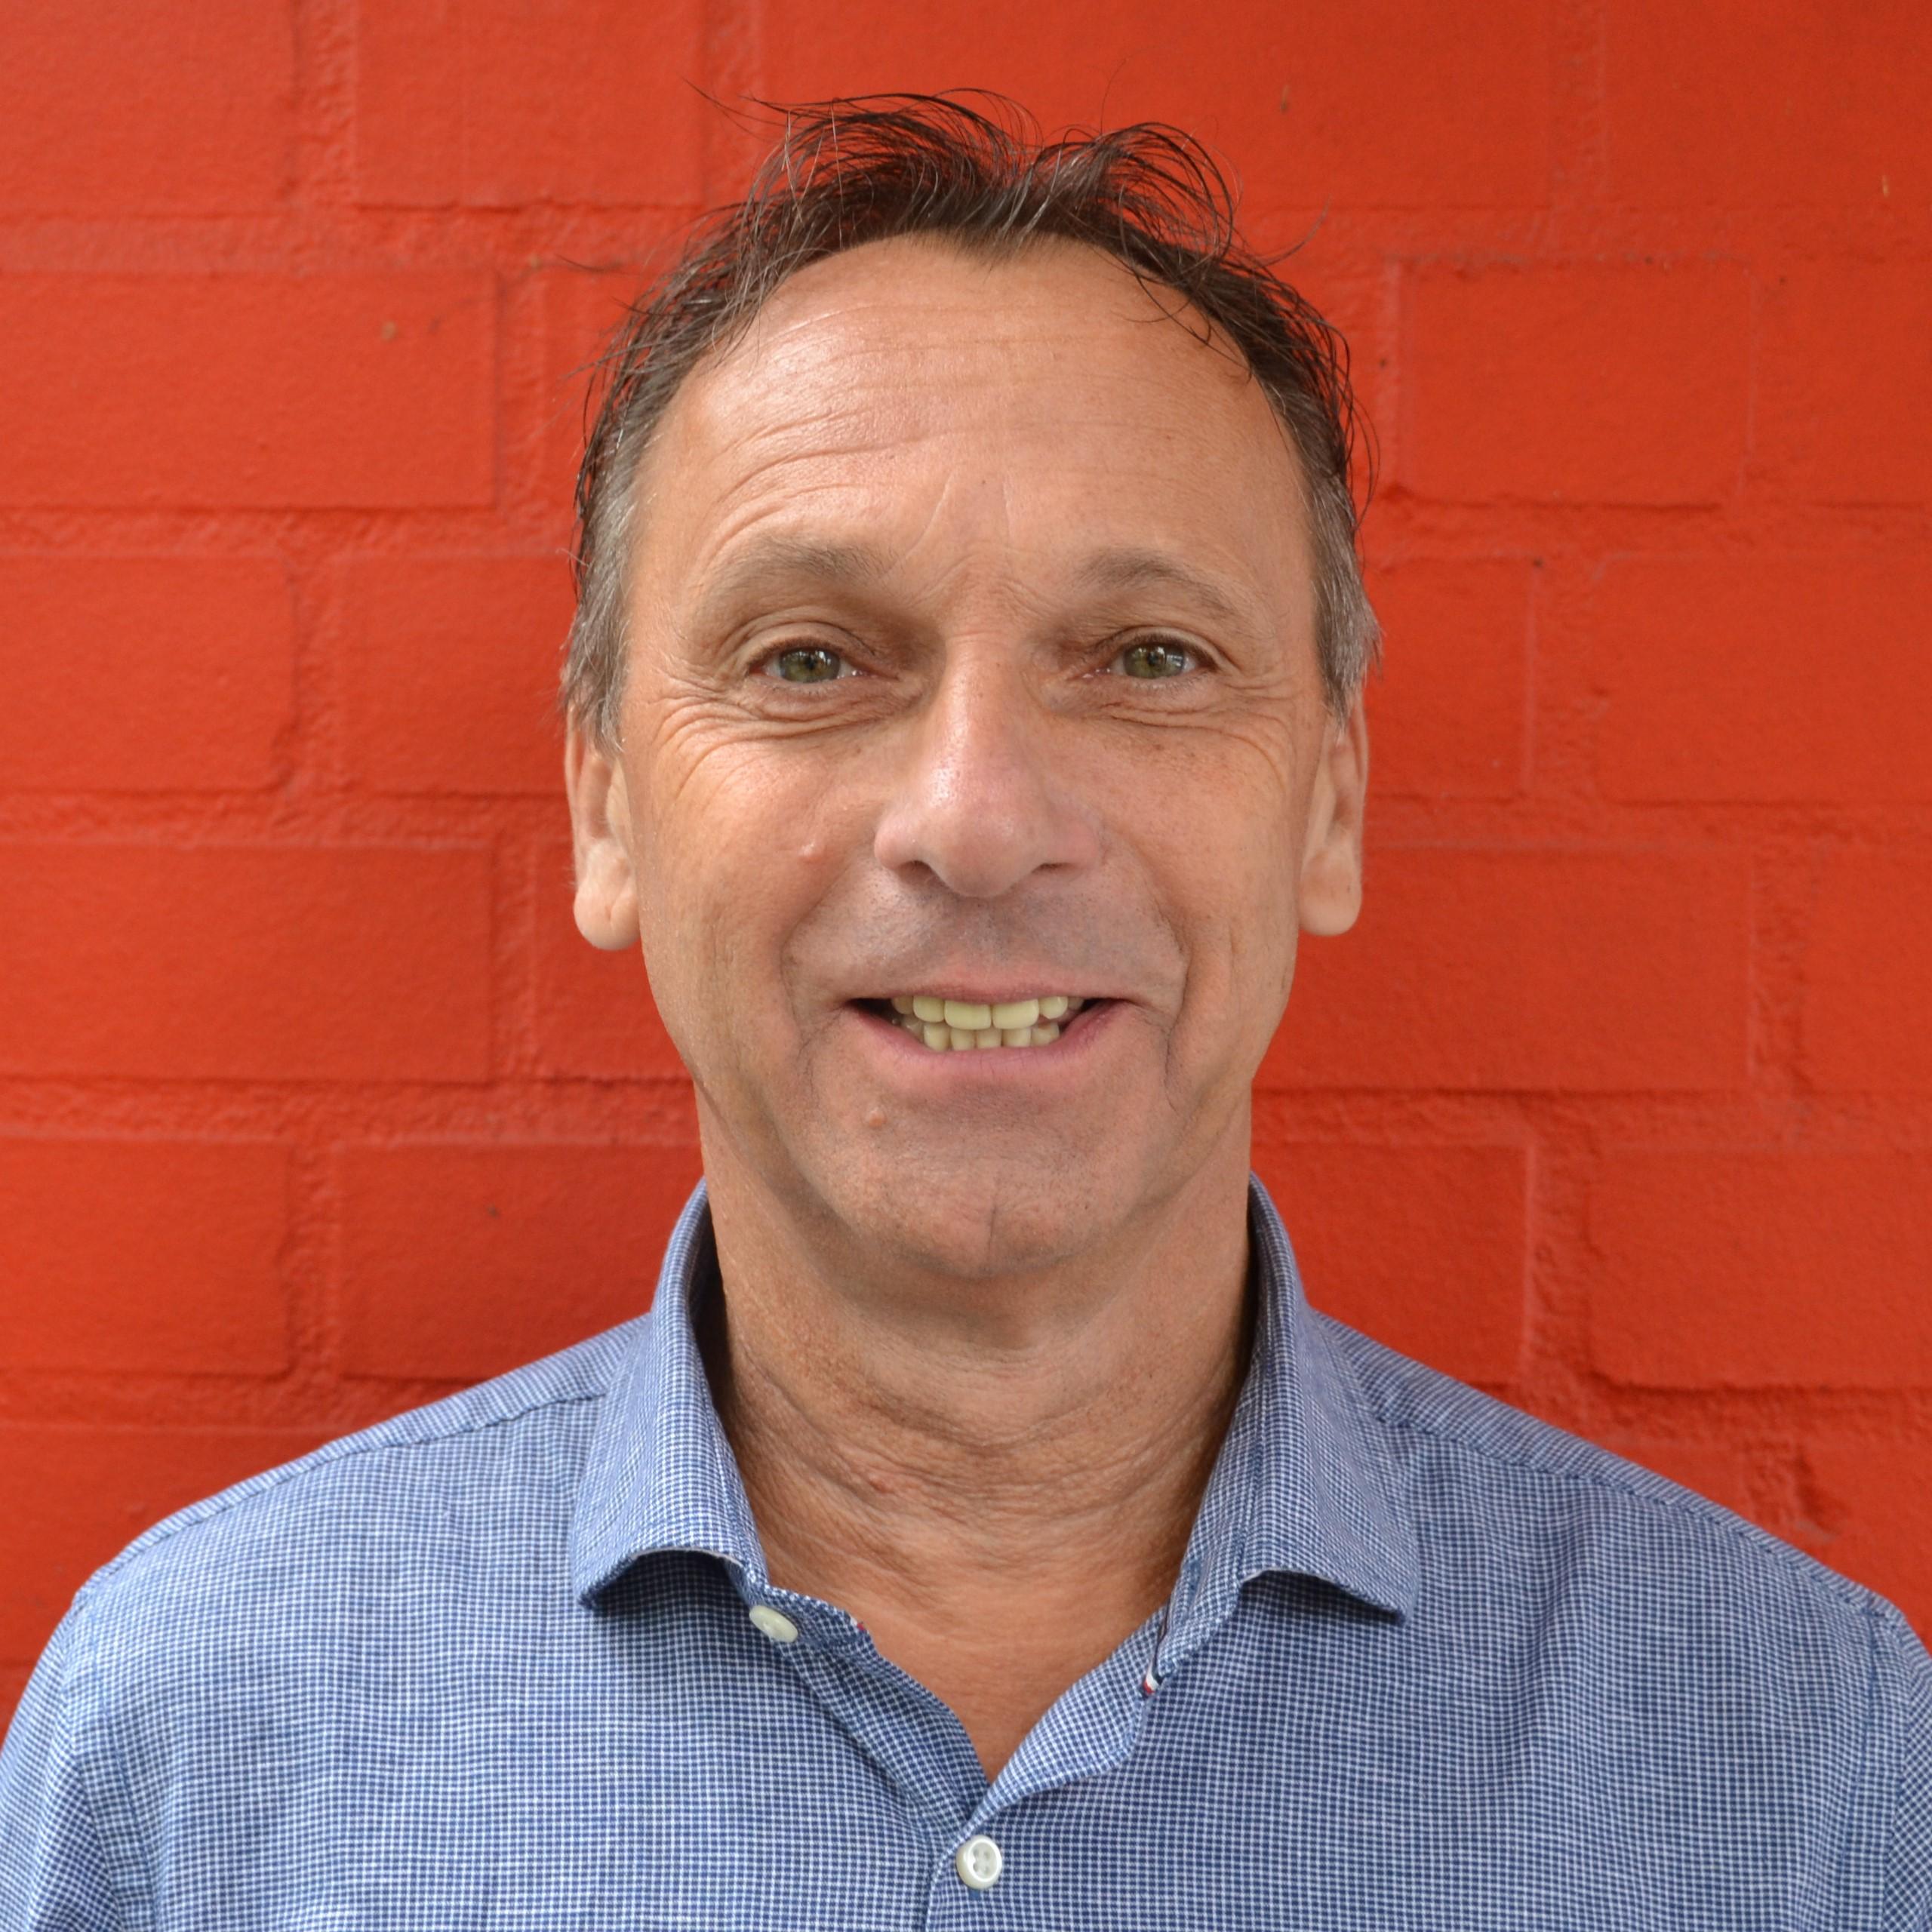 Rob van der Waals